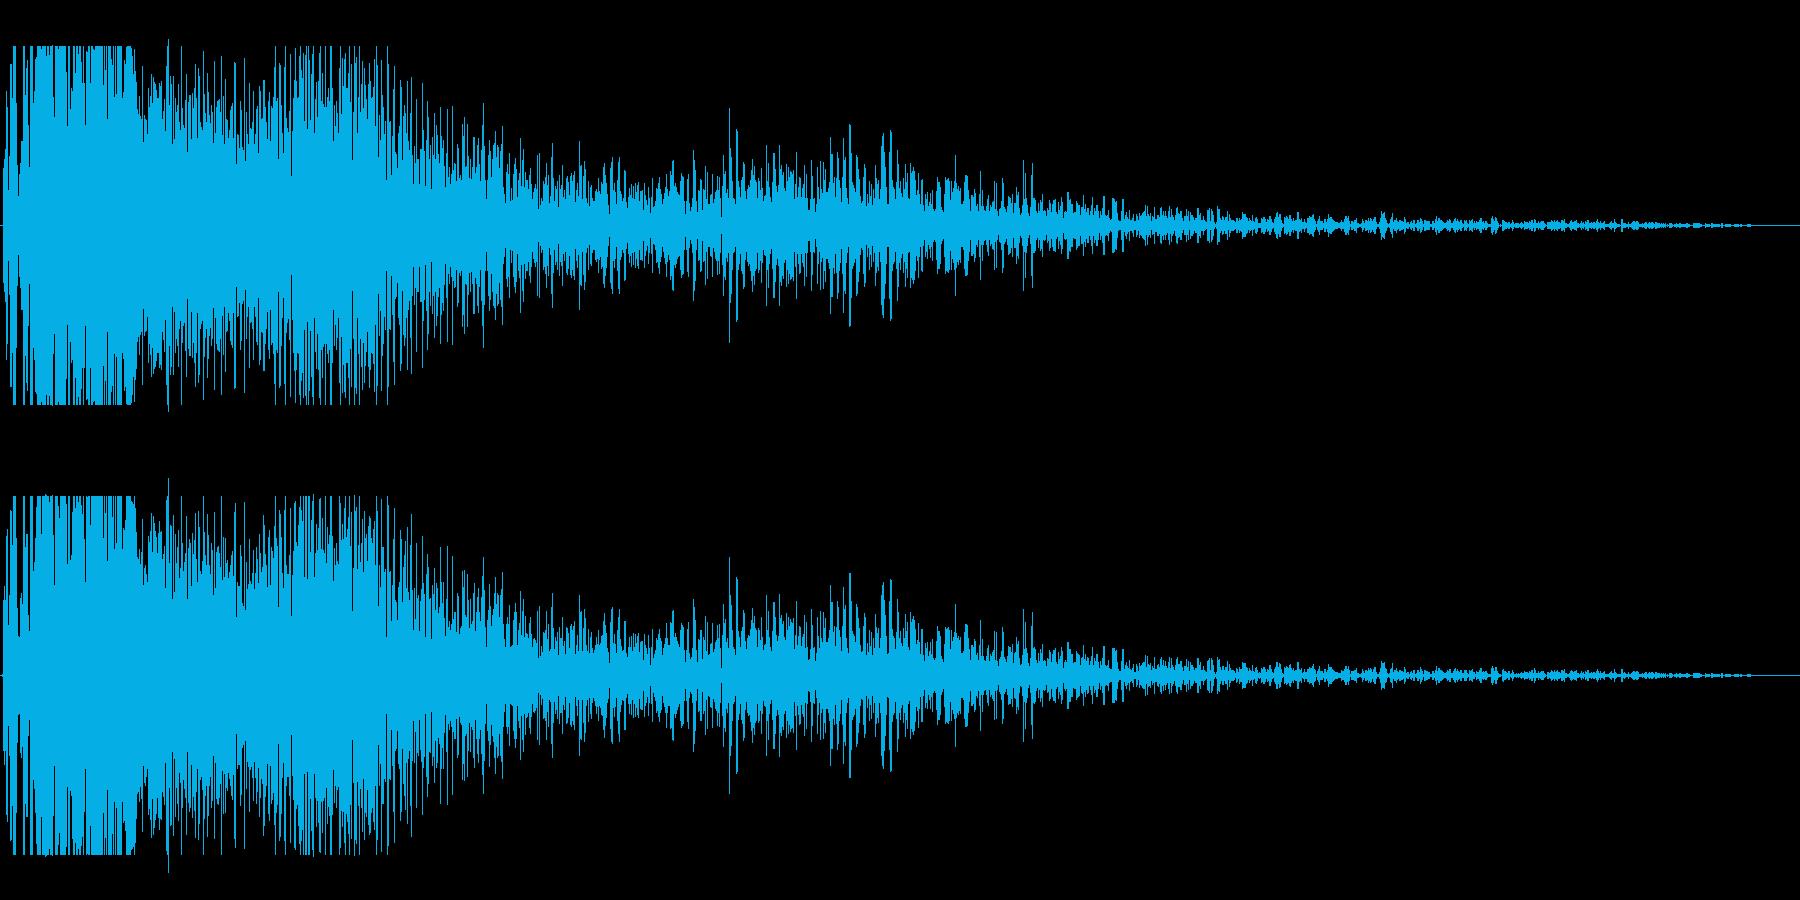 超強力なレーザービーム発射(ドギューン)の再生済みの波形